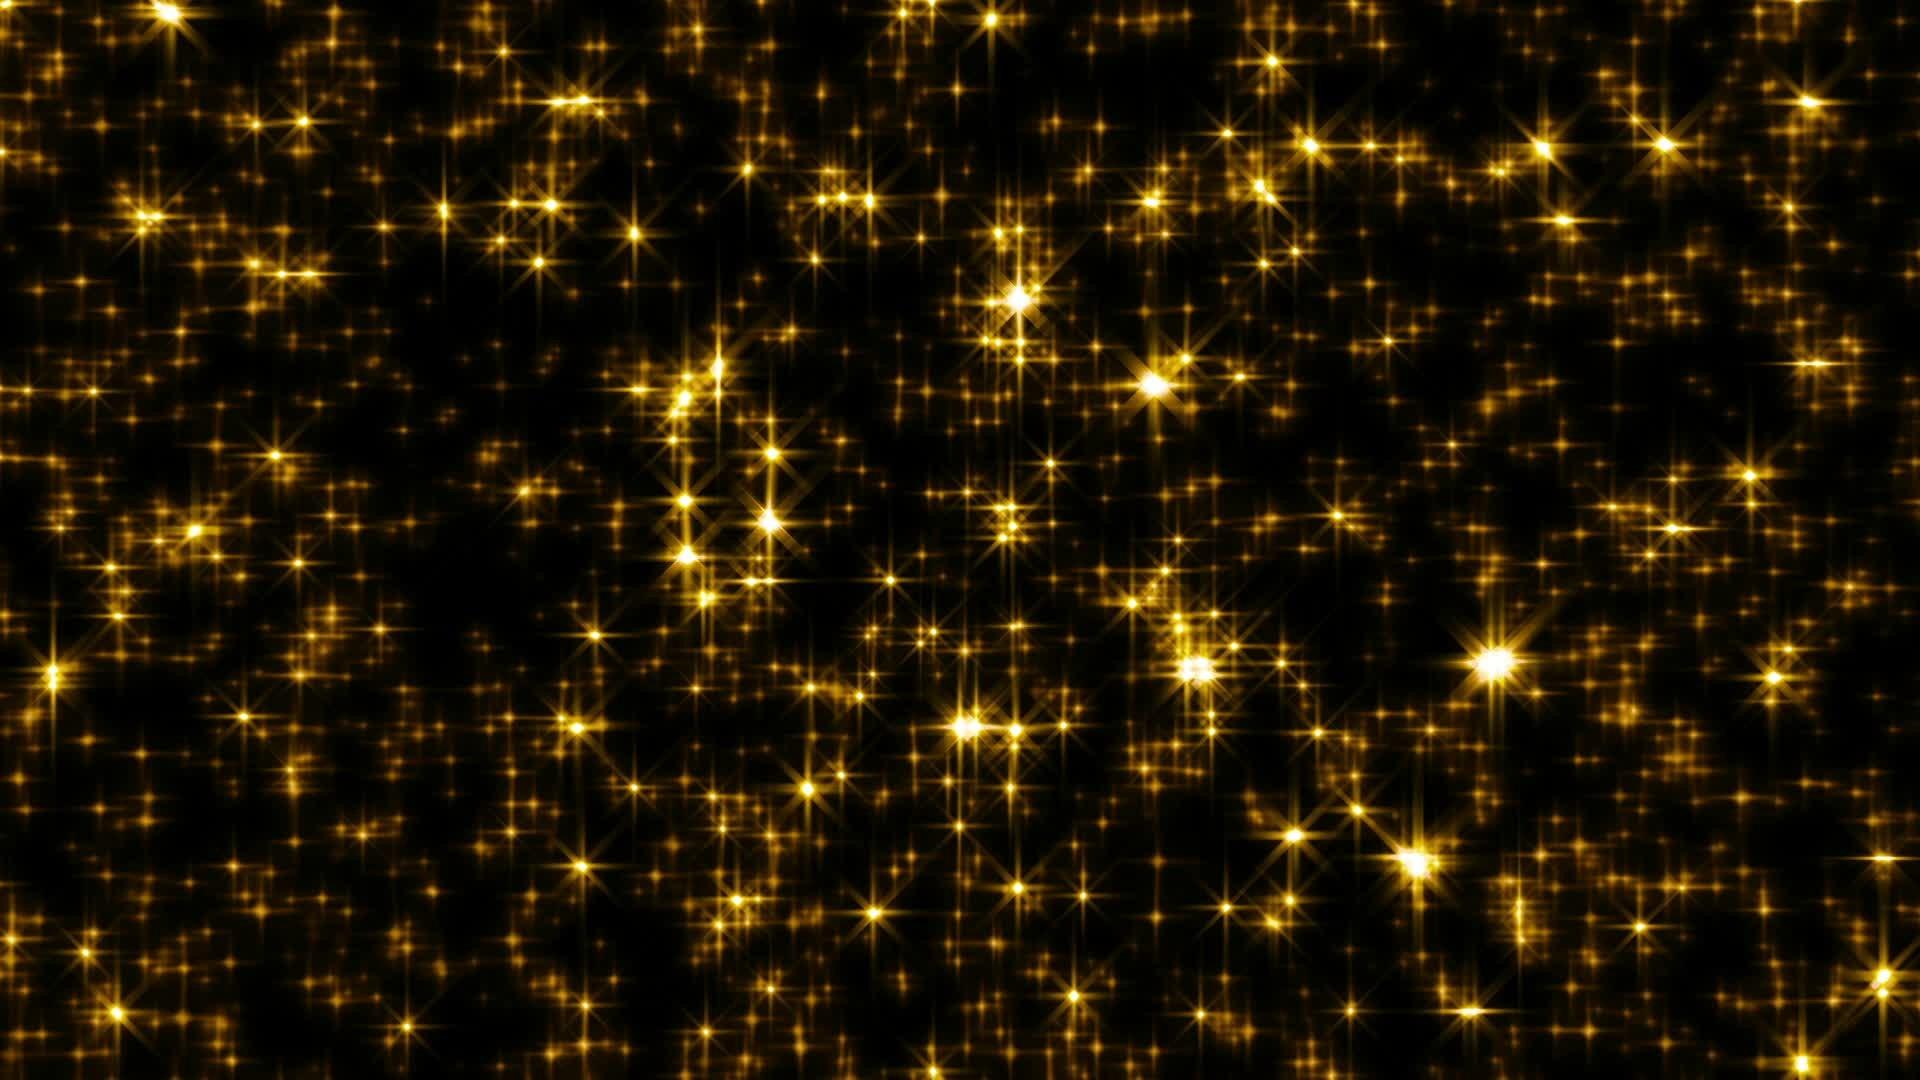 Golden Glitter Star Light Brighter Stars Loop Stock Video 12660111 .